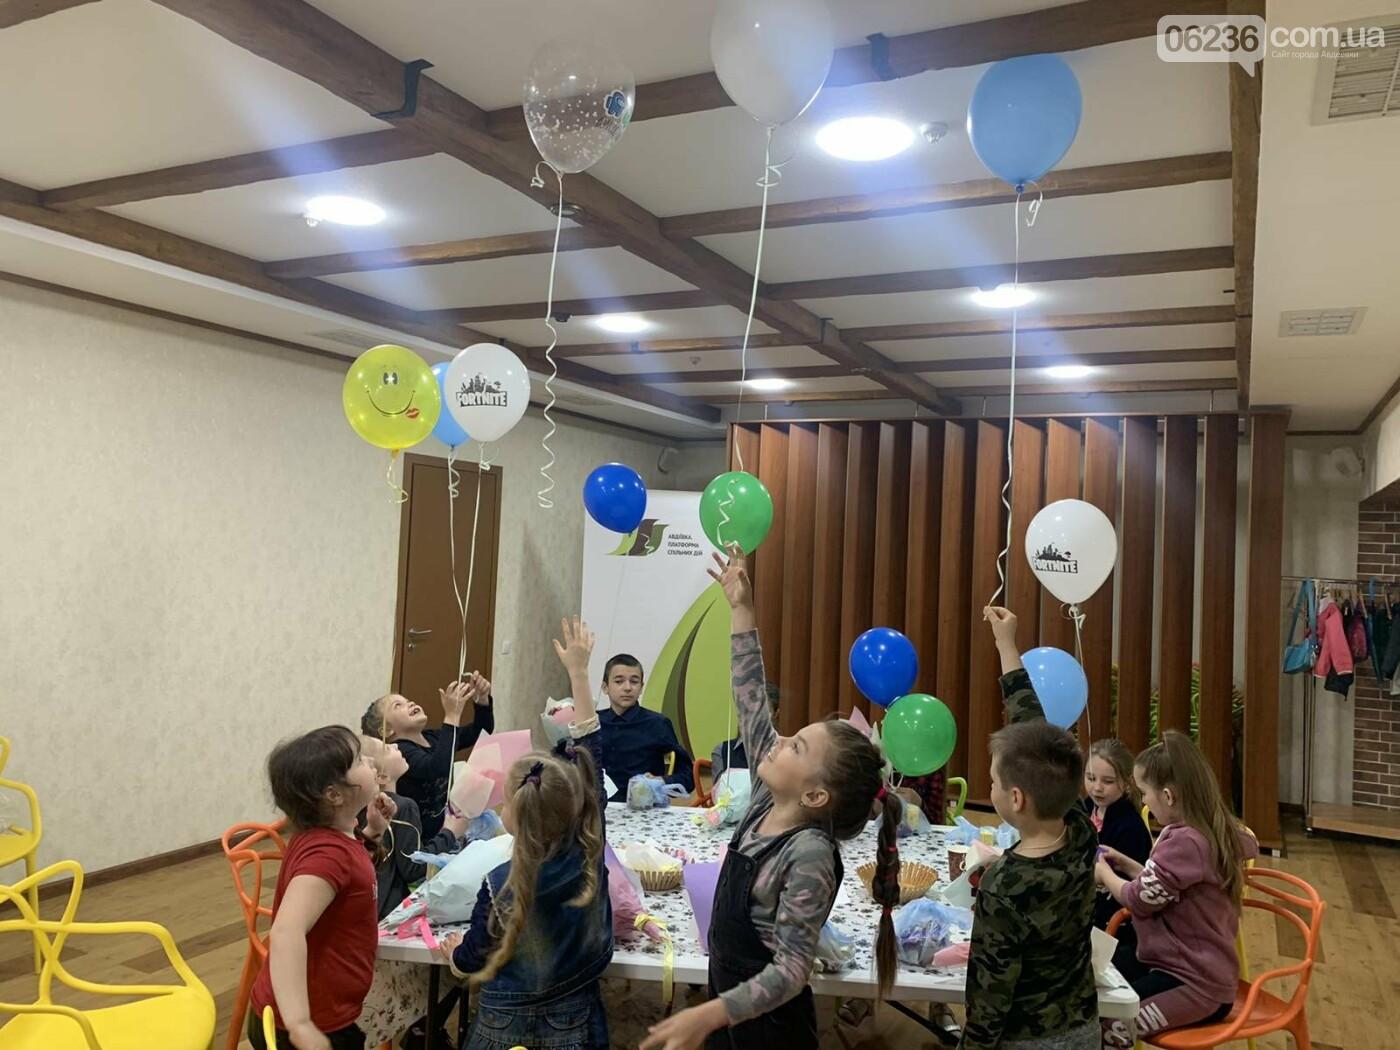 ОО «Авдеевка. Платформа совместных действий» провела «сладкий» мастер-класс для школьников города, фото-7